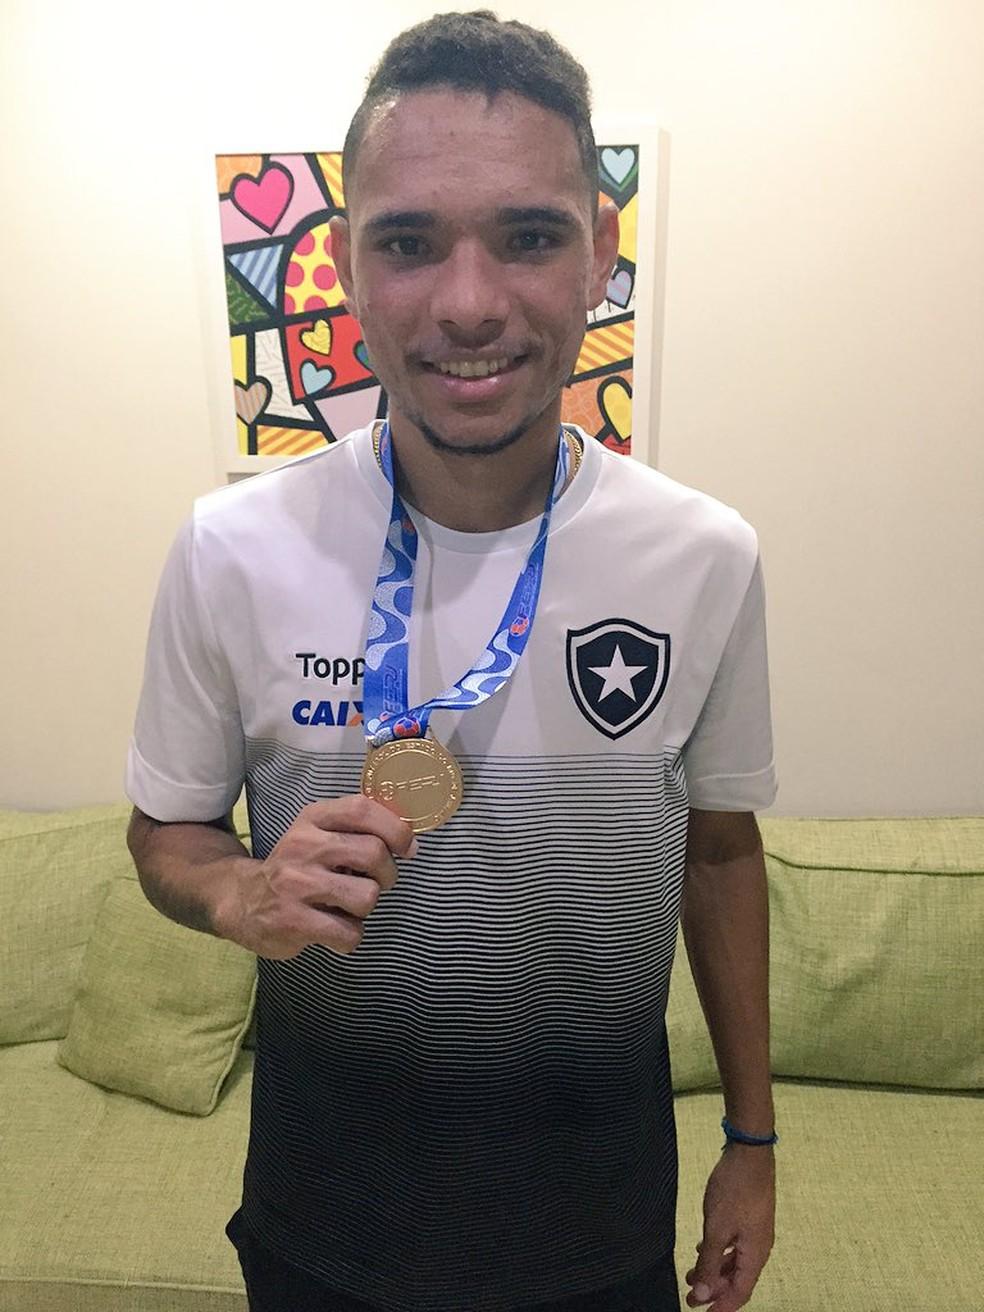 O menino do interior do Tocantins dono da medalha de campeão carioca (Foto: Thiago Lima)